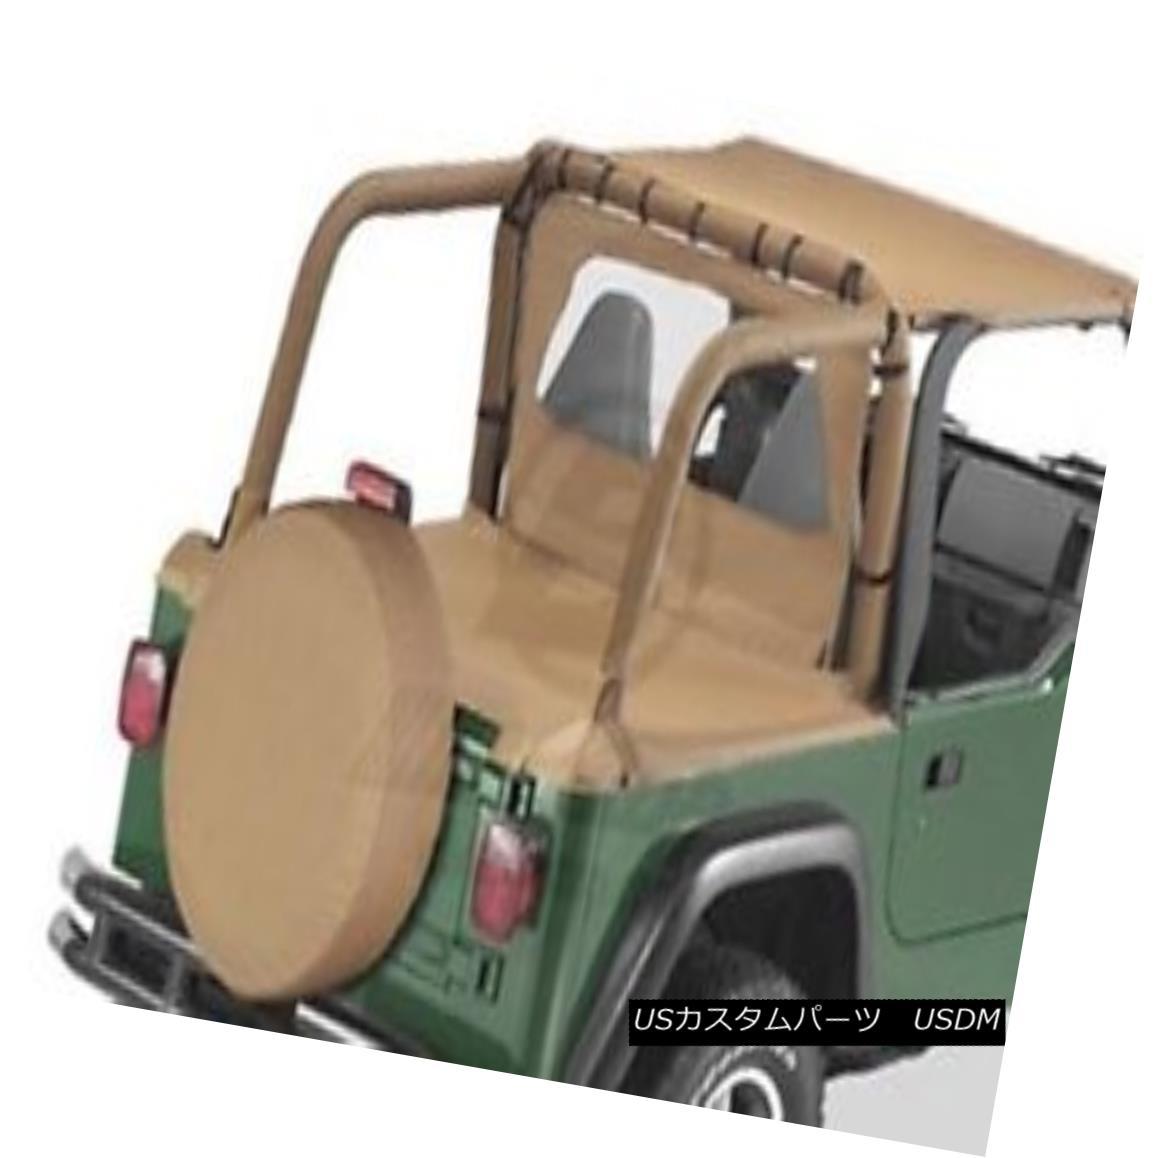 幌・ソフトトップ Bestop Duster Deck Cover 97-02 Jeep Wrangler TJ Spice w/ Factory Soft Top Bestopダスターデッキカバー97-02 Jeep Wrangler TJスパイス